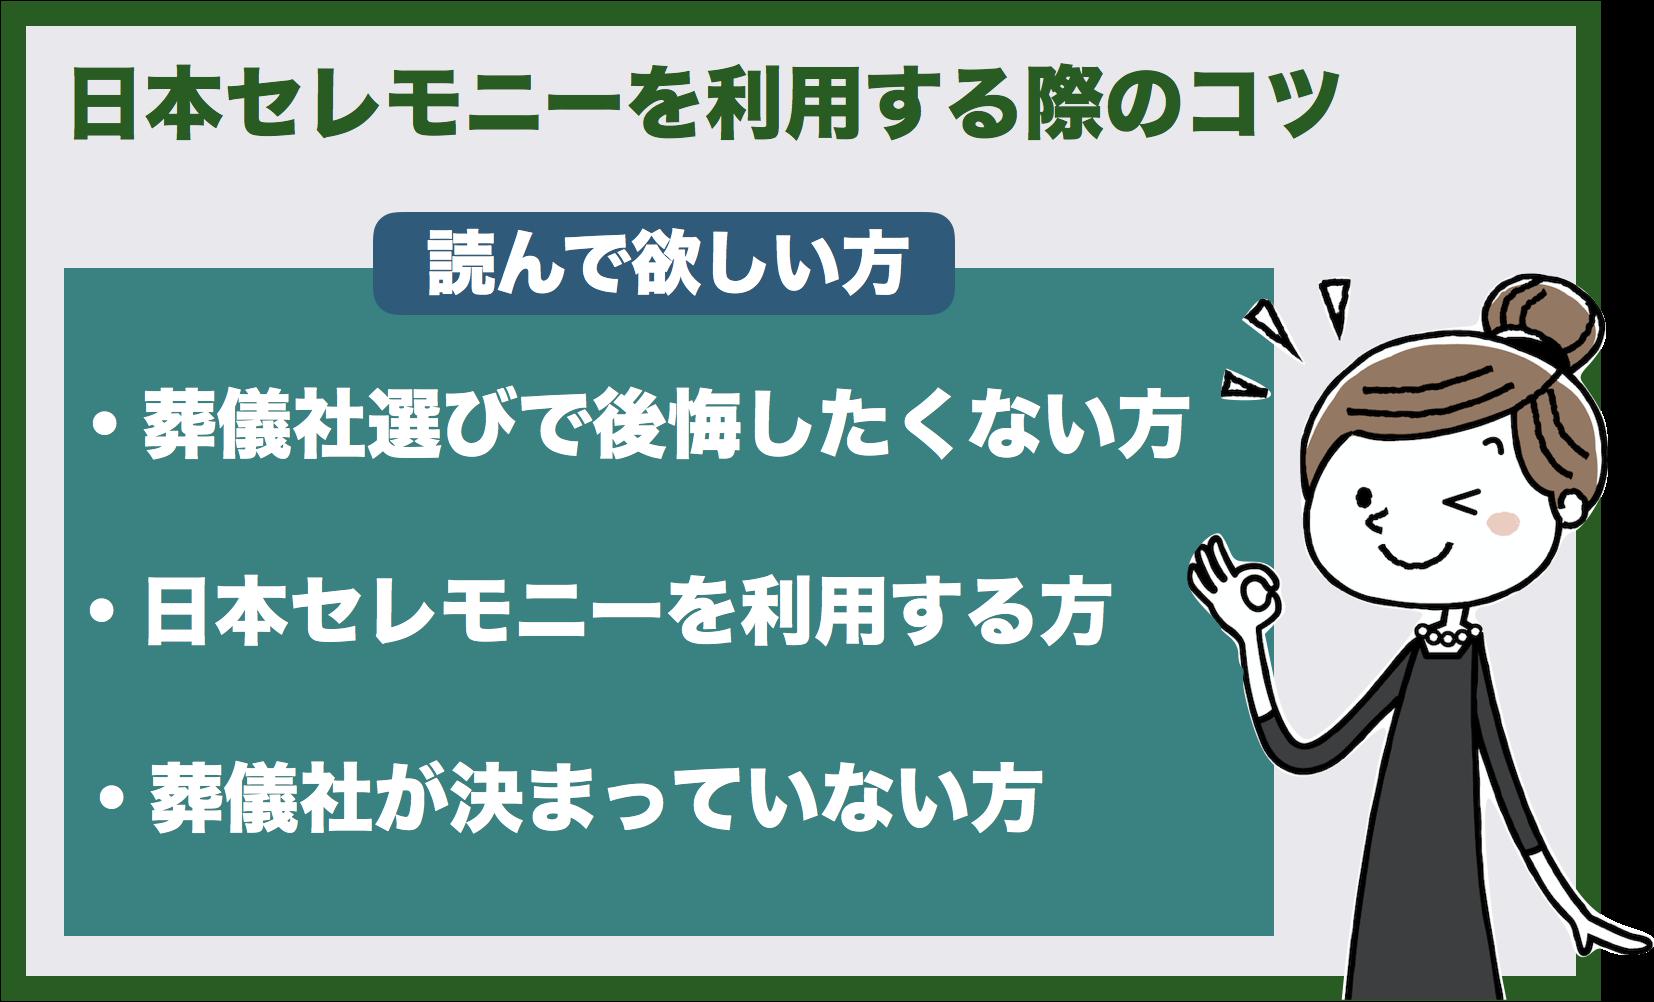 日本セレモニーのコツ